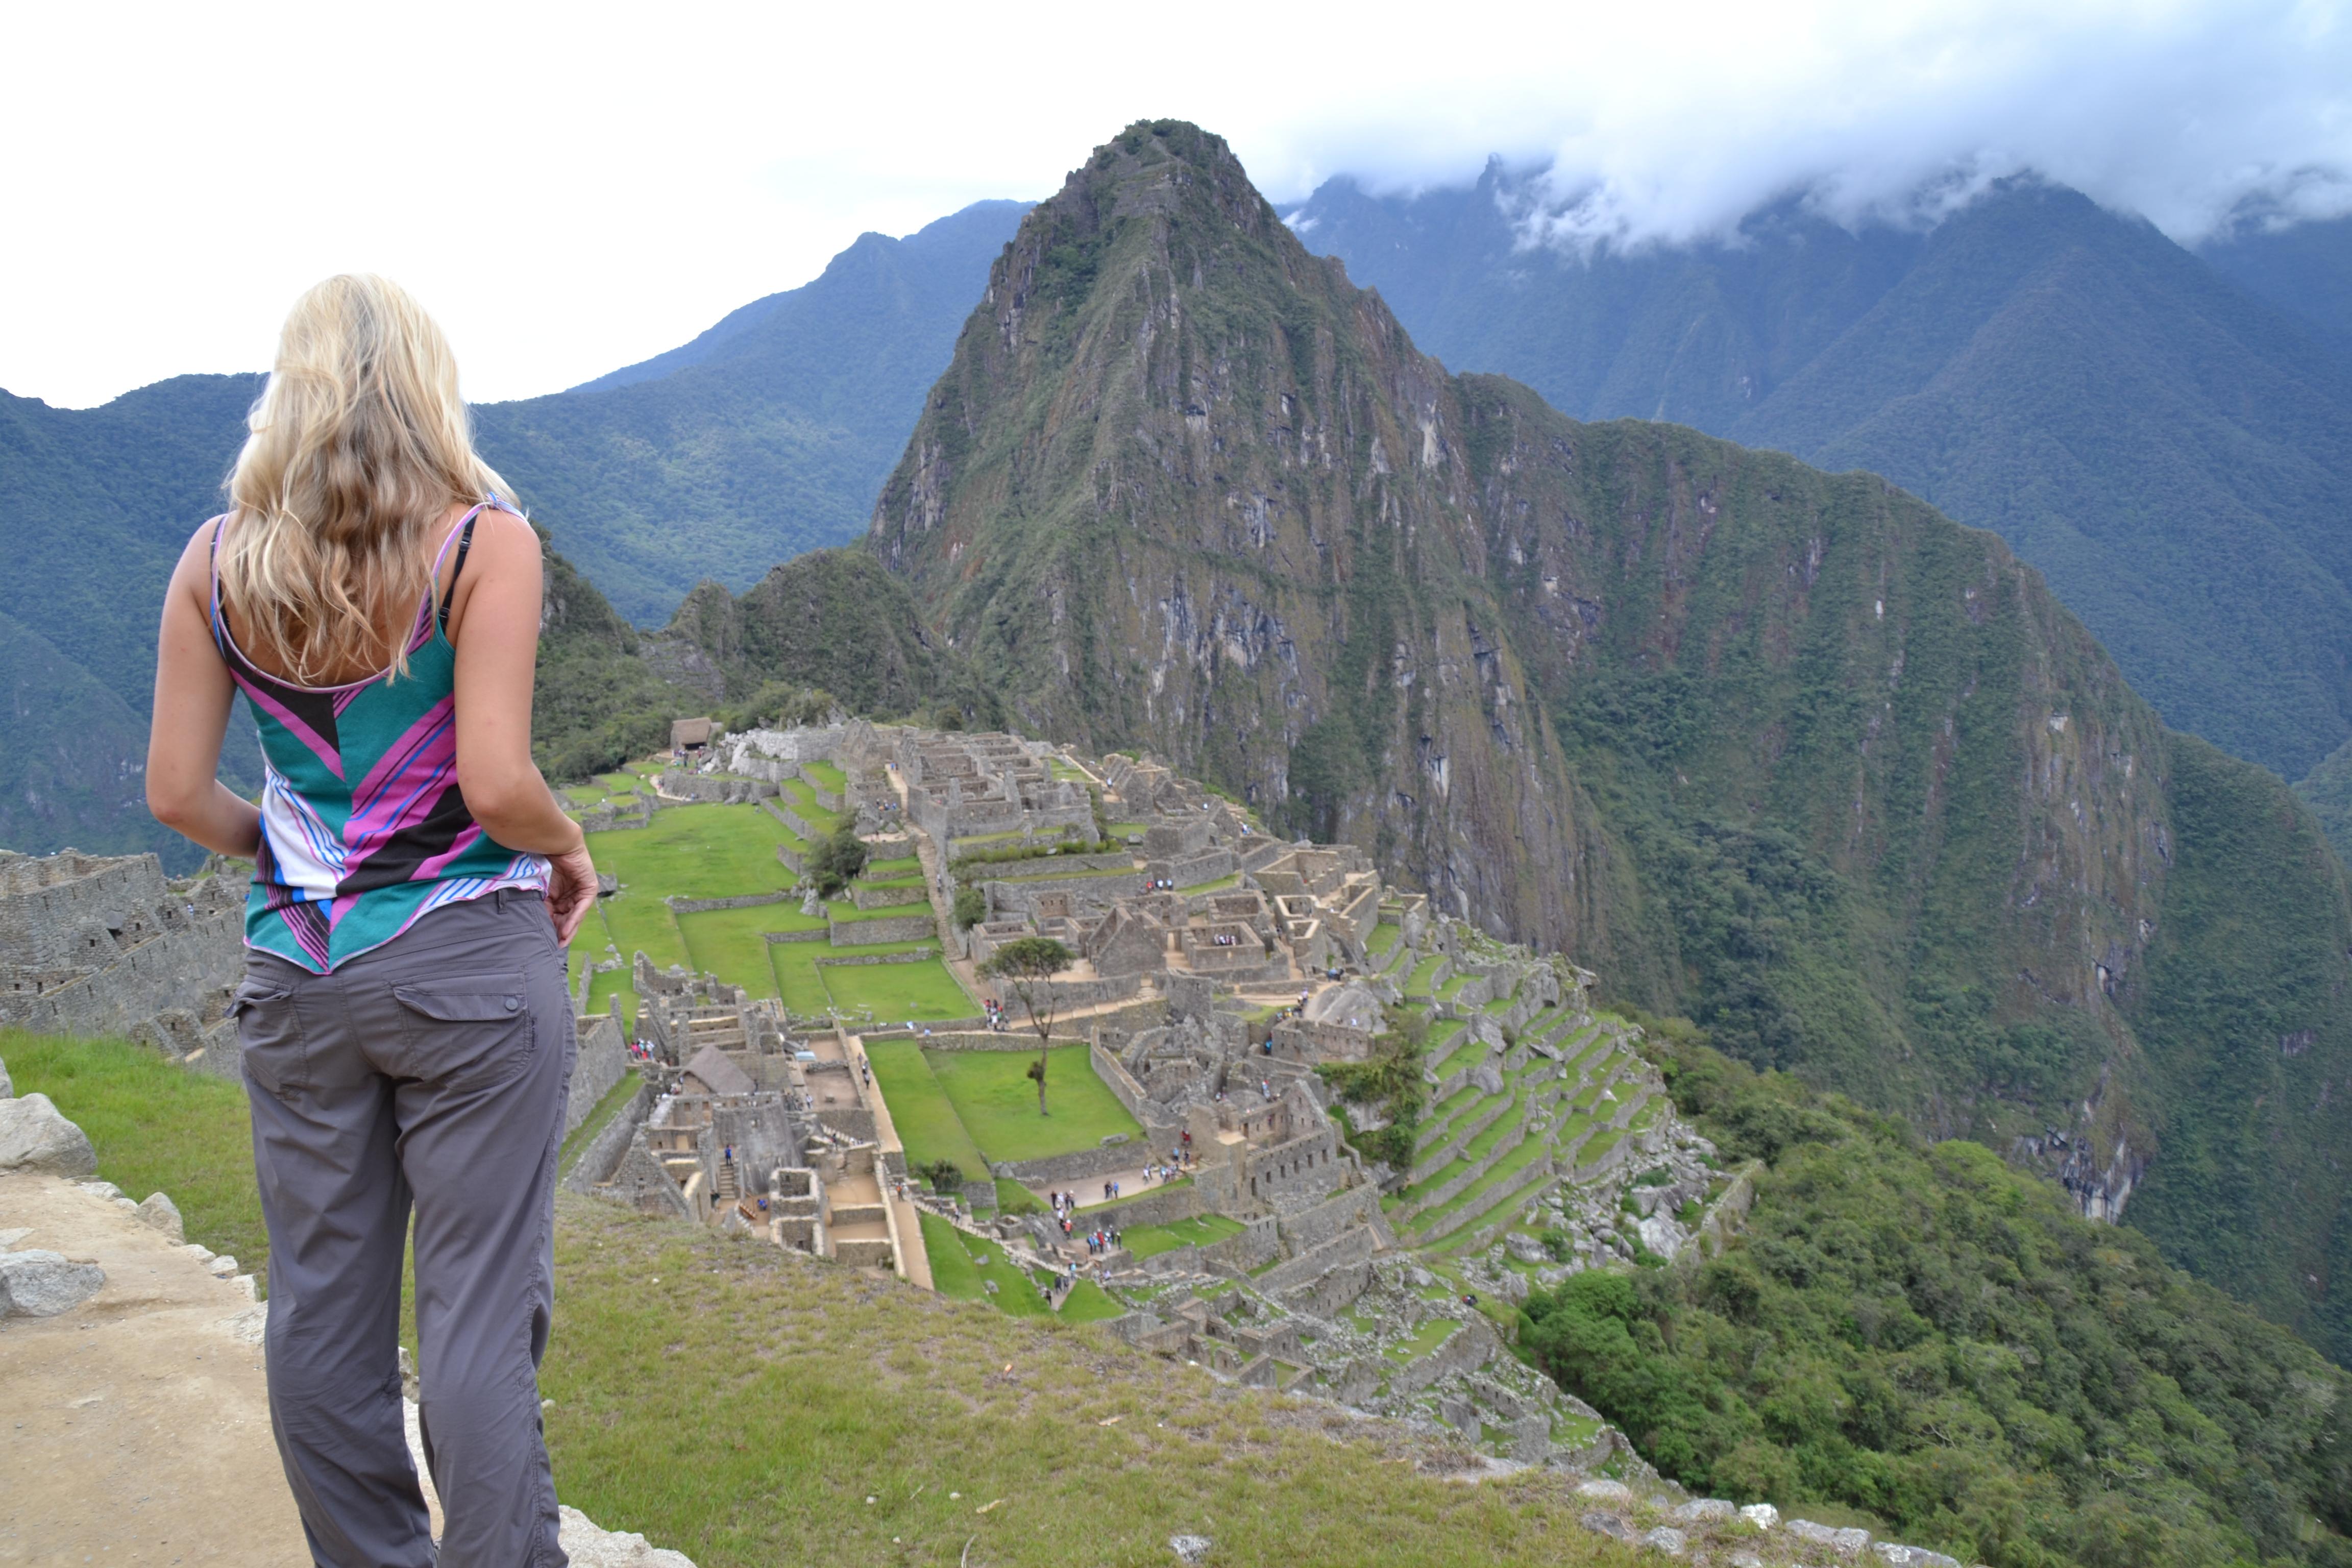 Walking Shoes For Machu Picchu